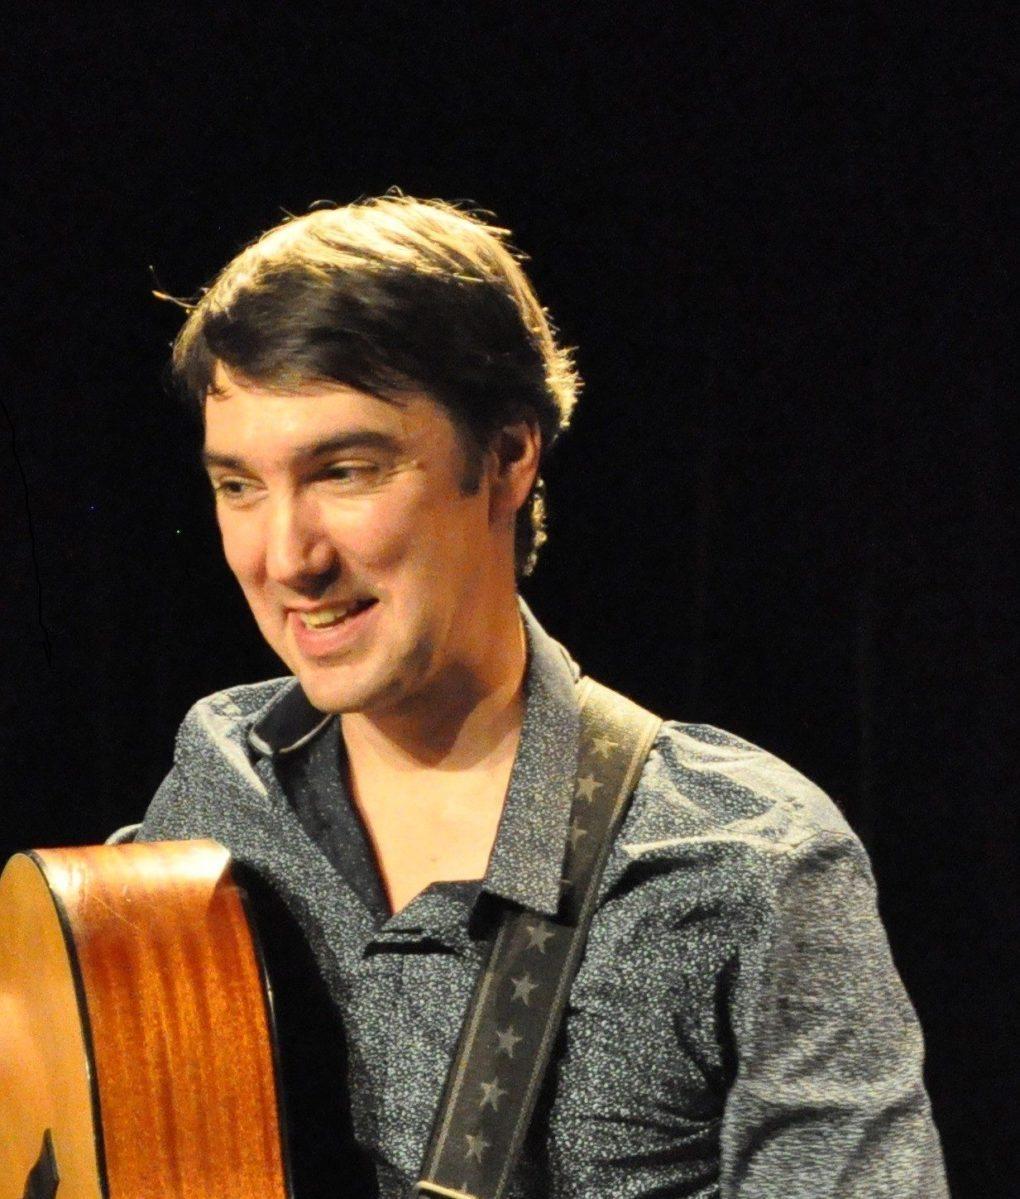 La semaine acadienne/concert de Dave Lanteigne Saint-Aubin-sur-Mer